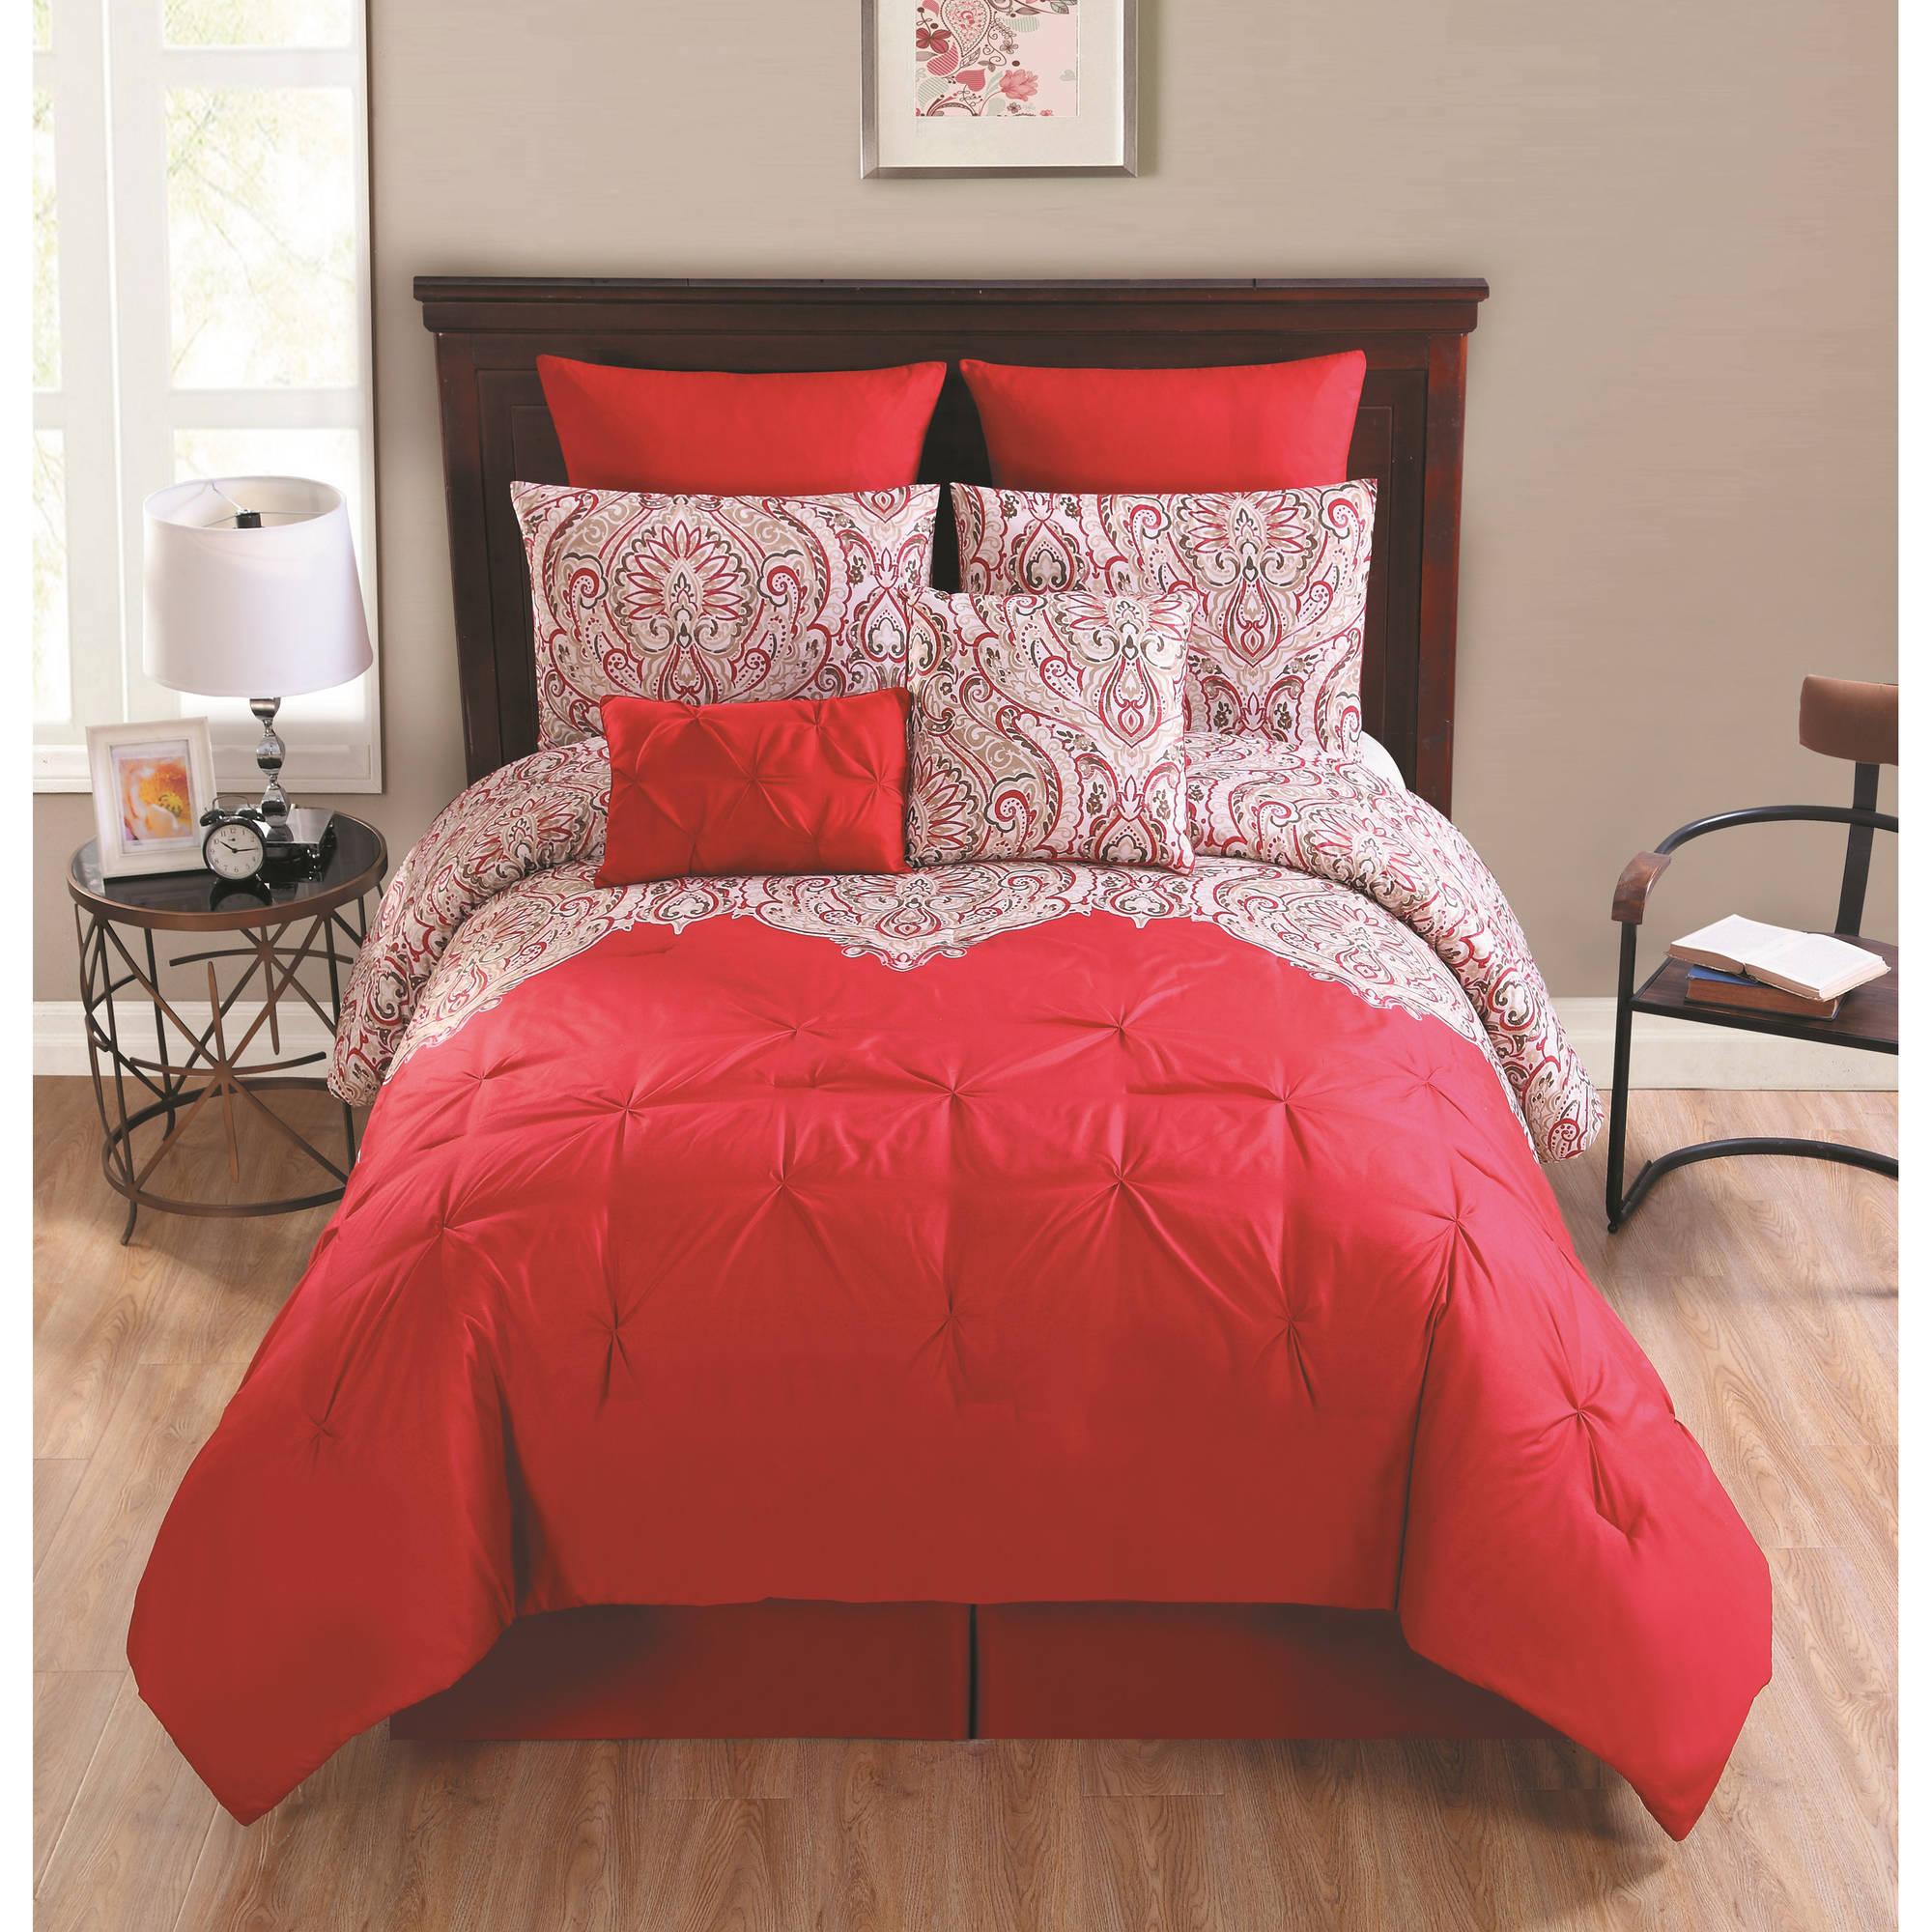 Elanza 8-Piece Bedding Comforter Set, Euro Shams included